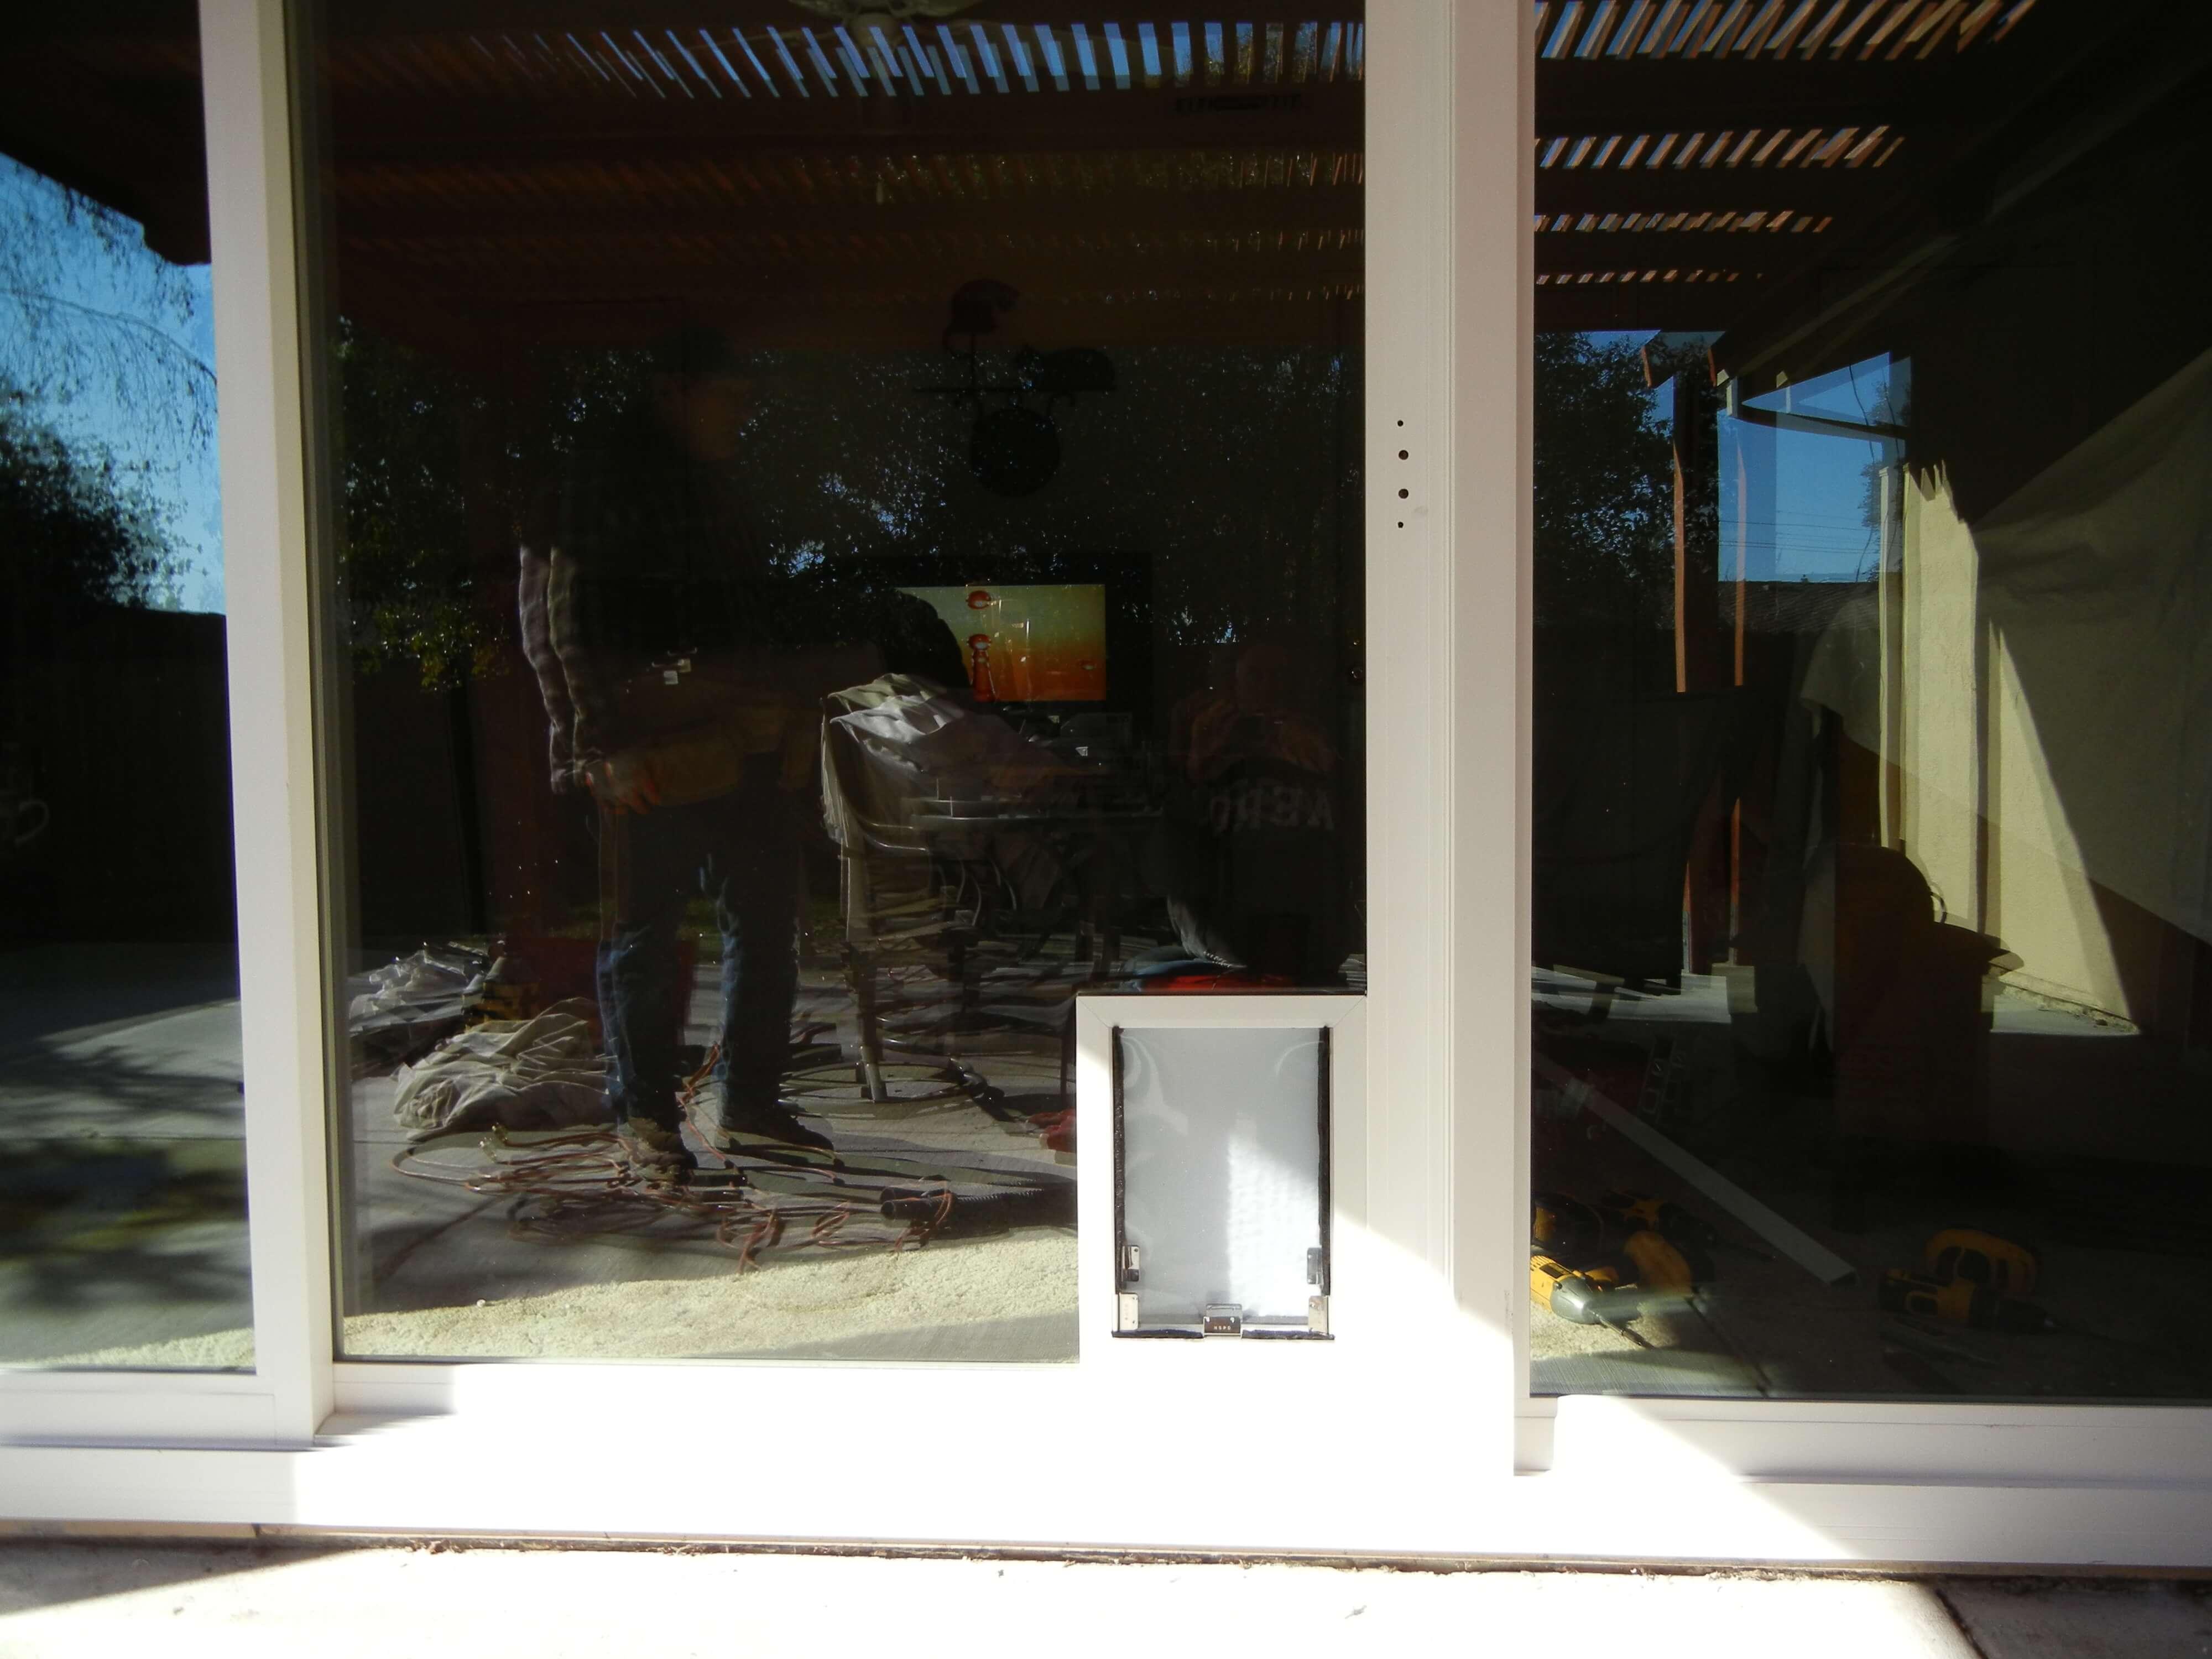 Amerimax New Horizon Retrofit Patio Door With Pet Door | Ru0026M Quality  Windows And Doors